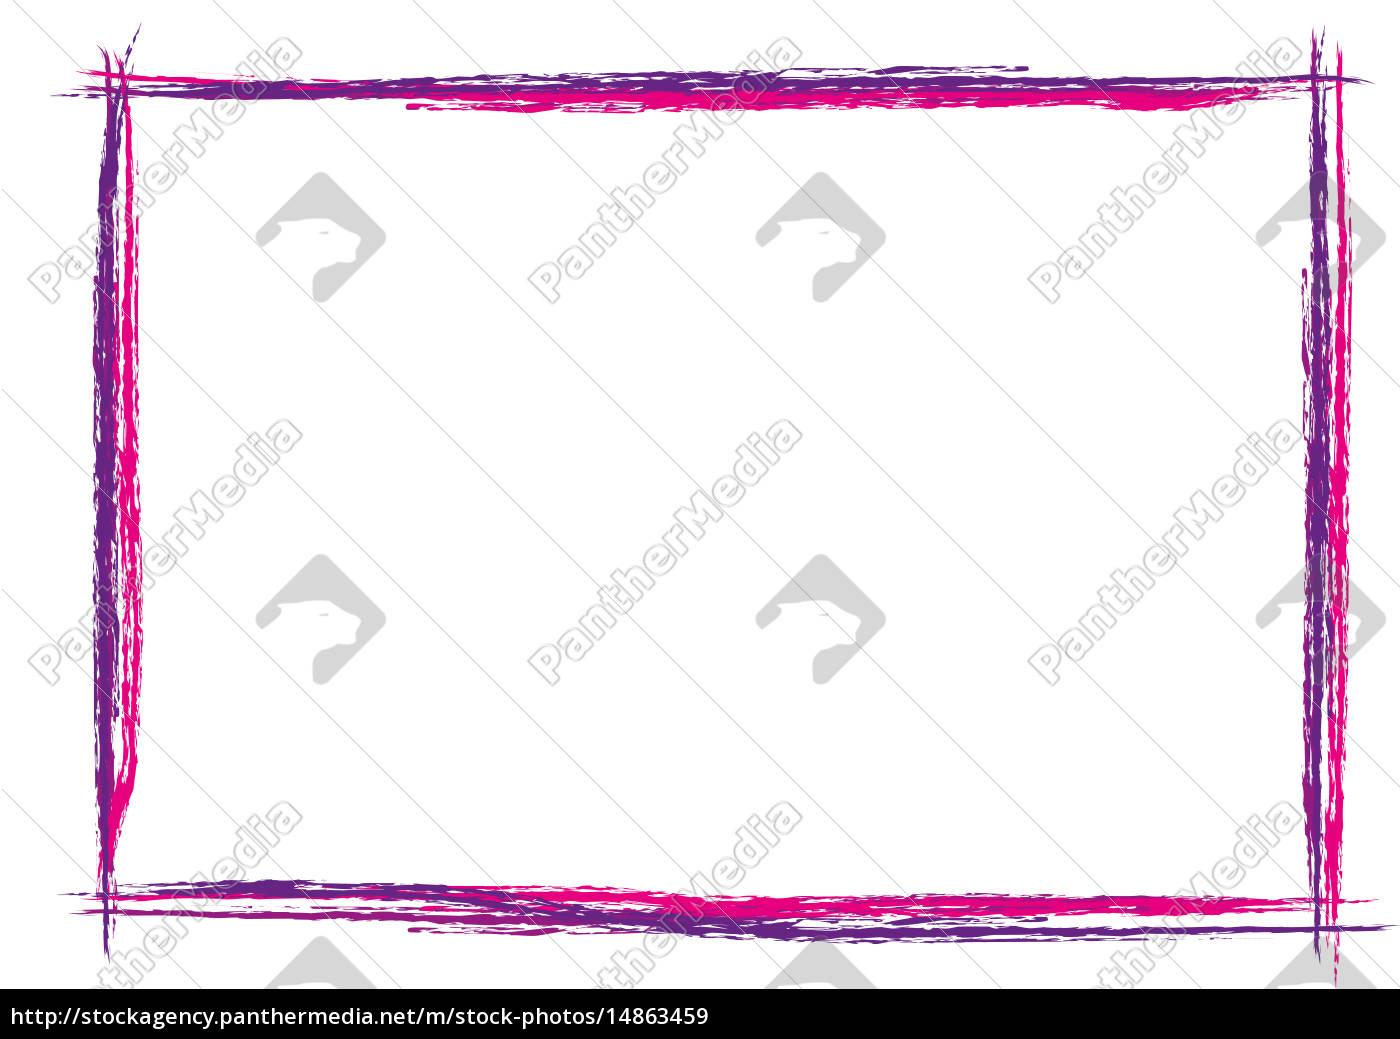 bunter Rahmen quer Strich gemalt - Lizenzfreies Bild - #14863459 ...